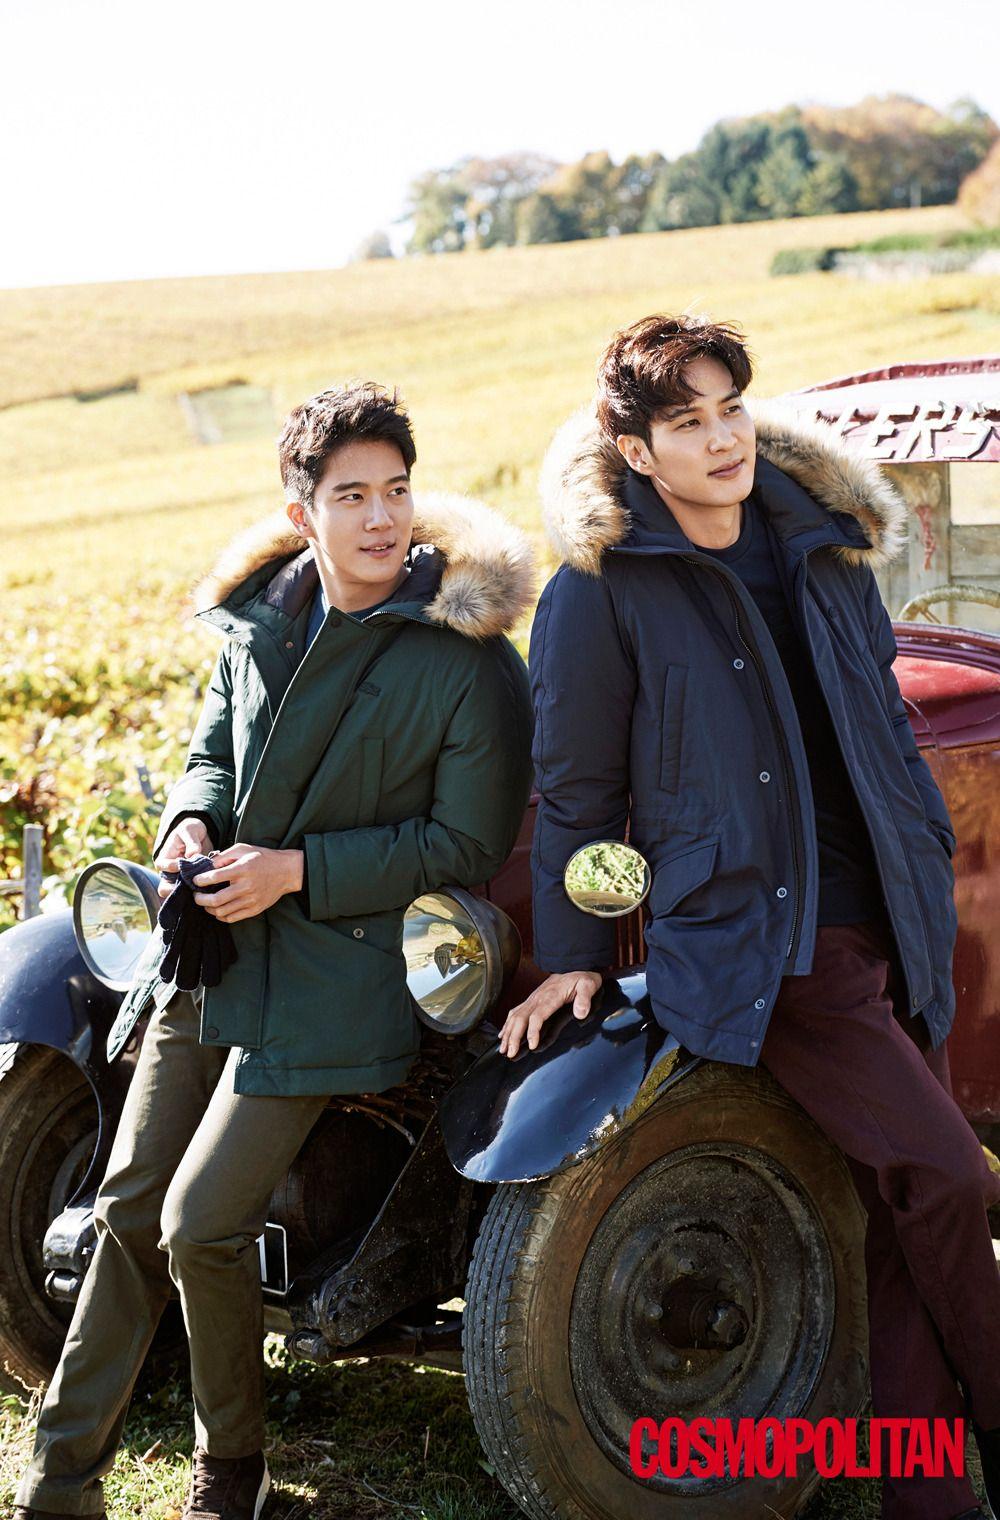 Ha Seok-jin (하석진) - Picture   Asian men fashion, Jin